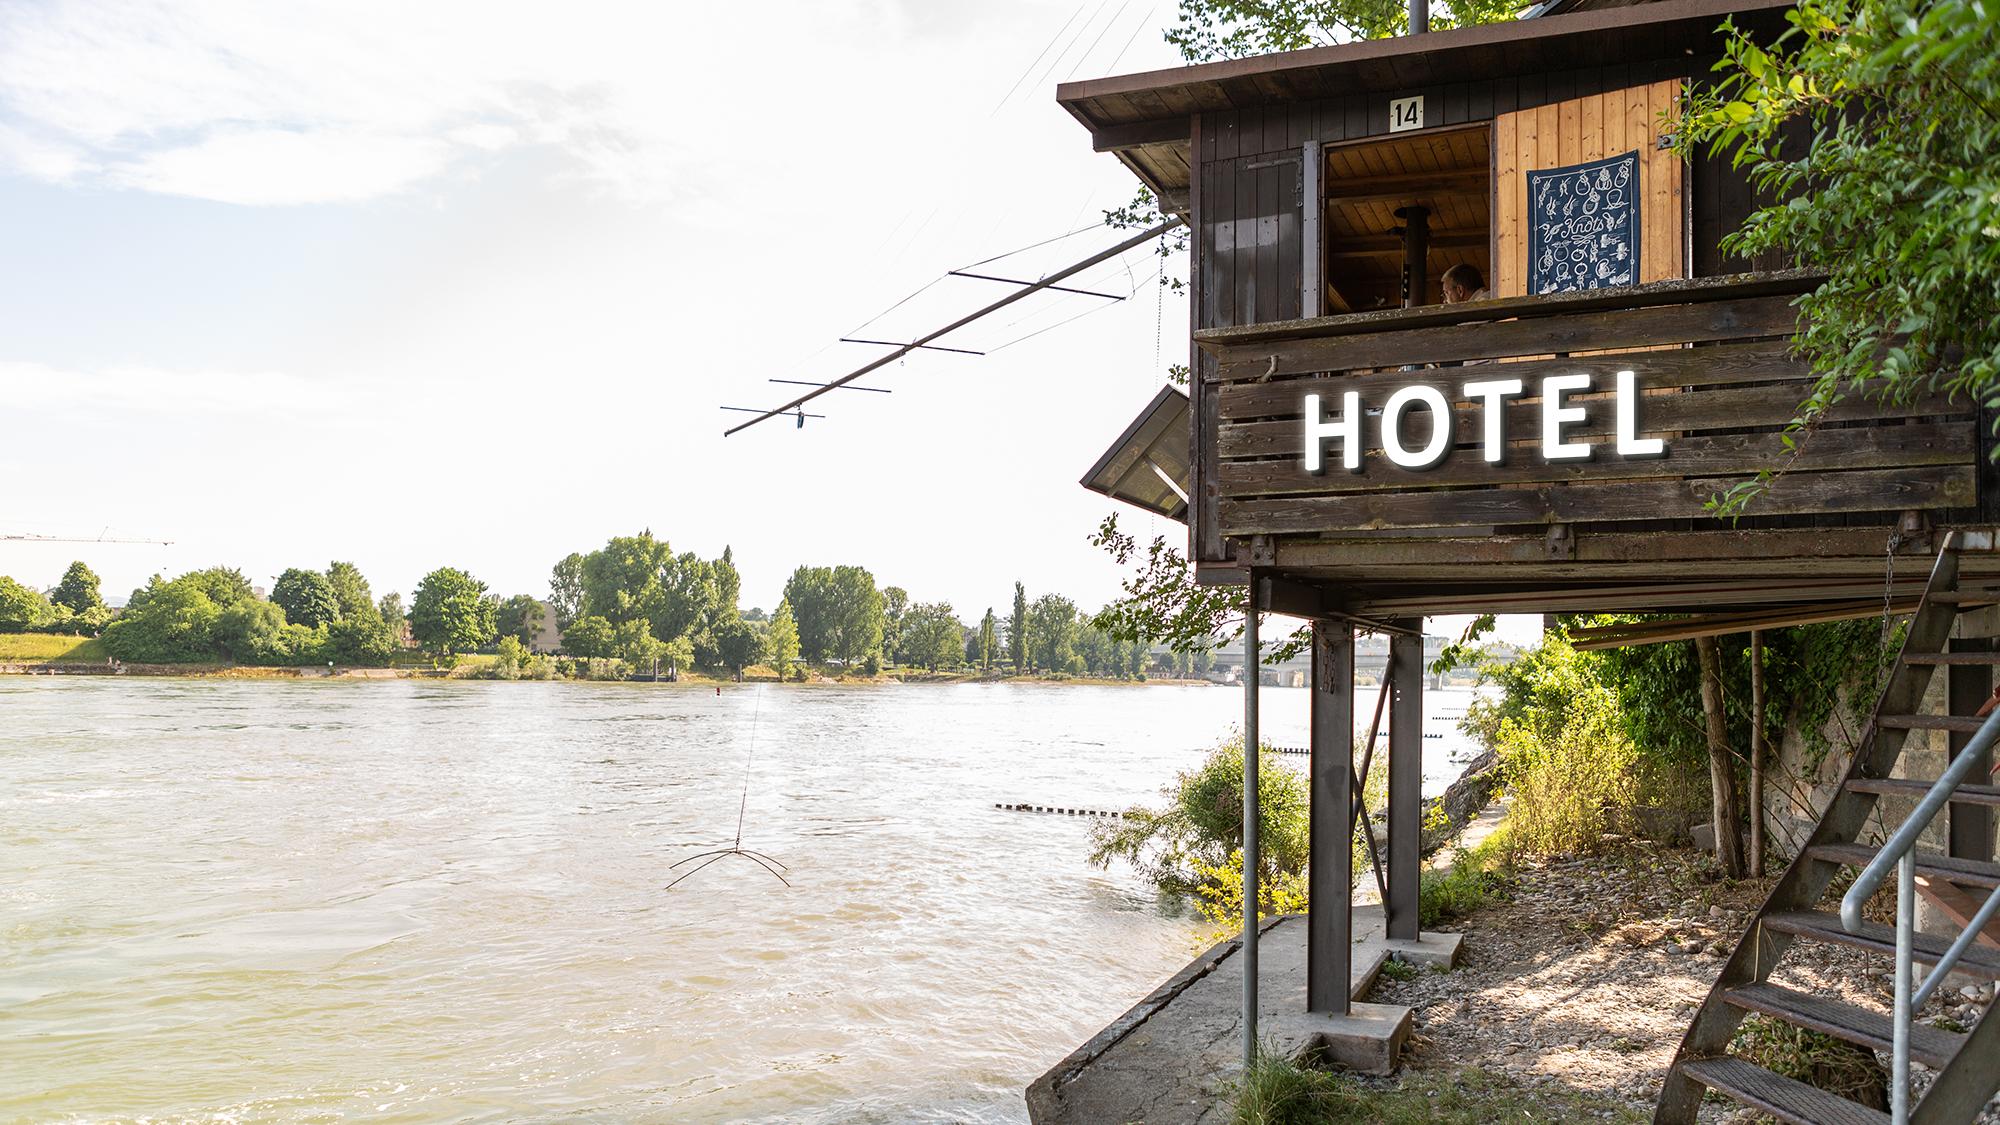 Touristen ködern statt Fische fangen: Ein Basler Galgen wechselt die Branche.